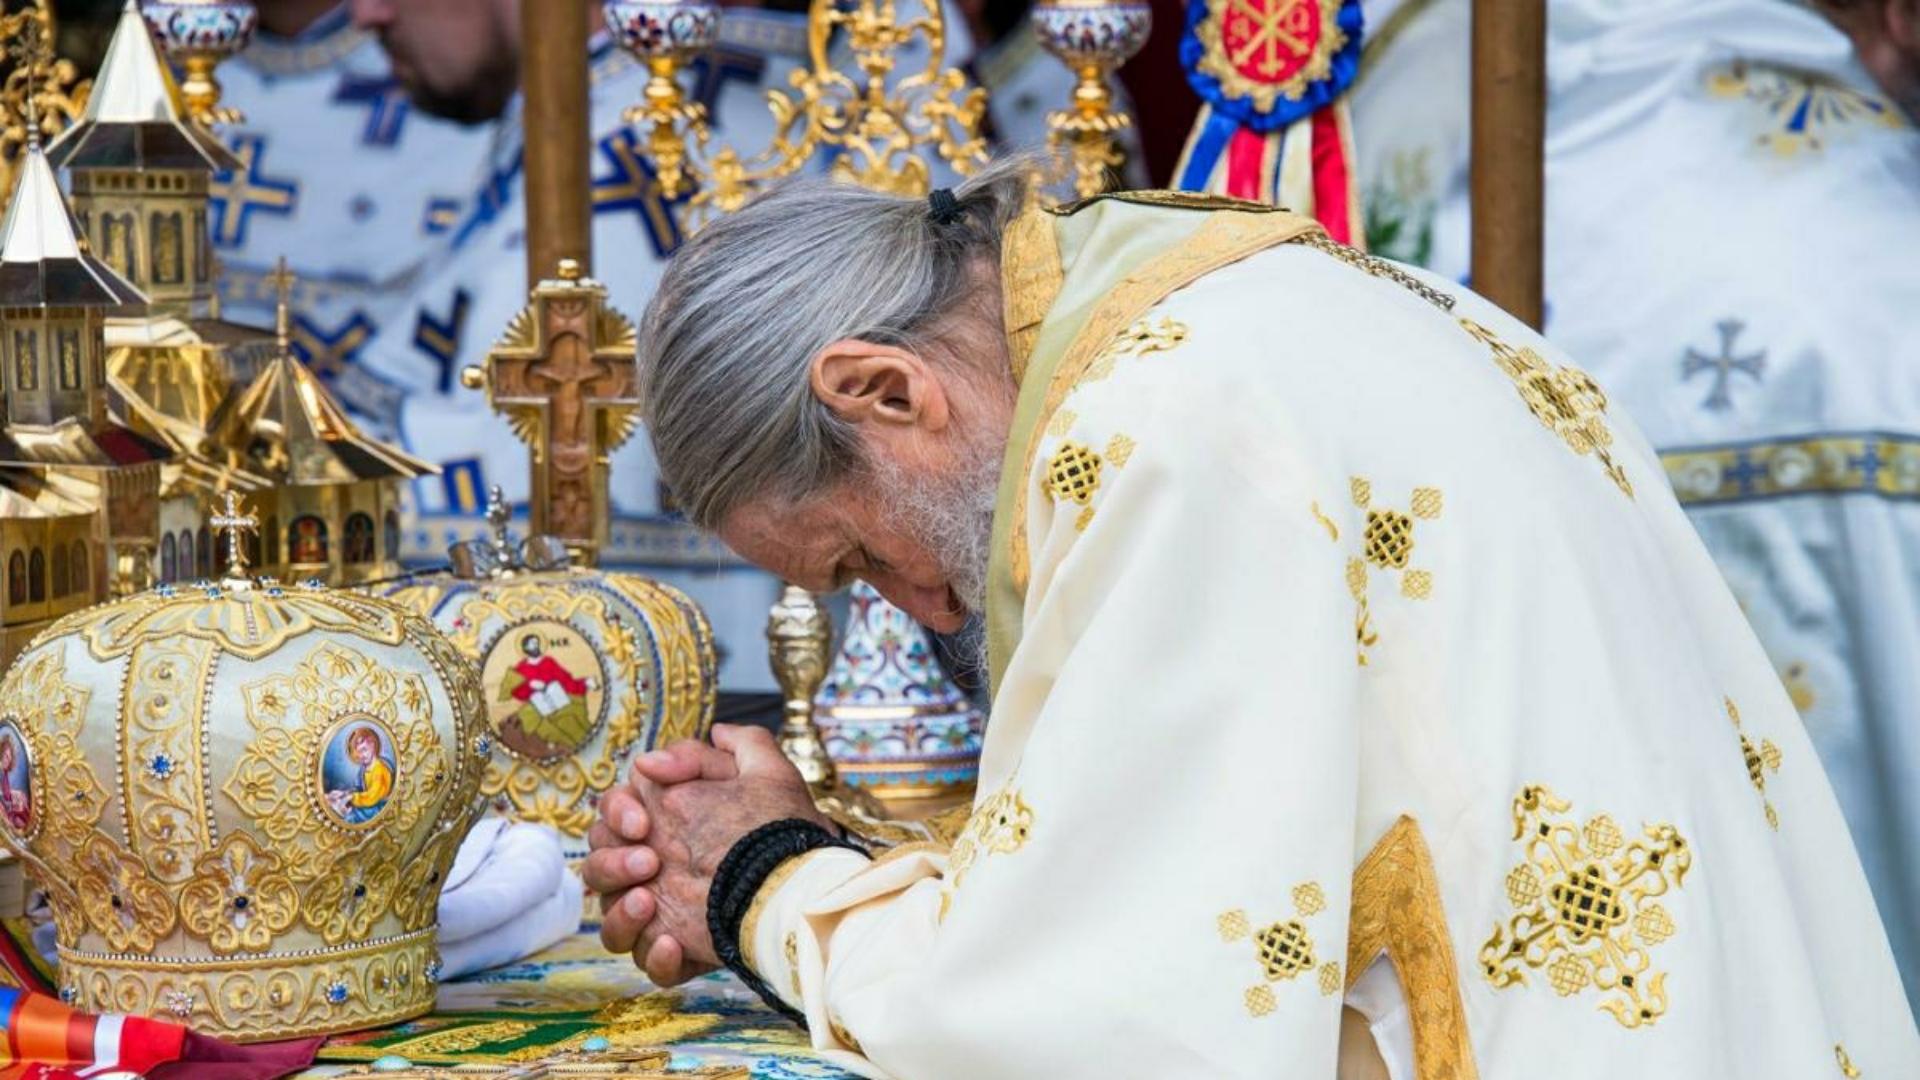 Arhiepiscopia Sucevei și Rădăuților donează două aparate de analiză a testelor pentru COVID-19, Spitalului Județean Suceava